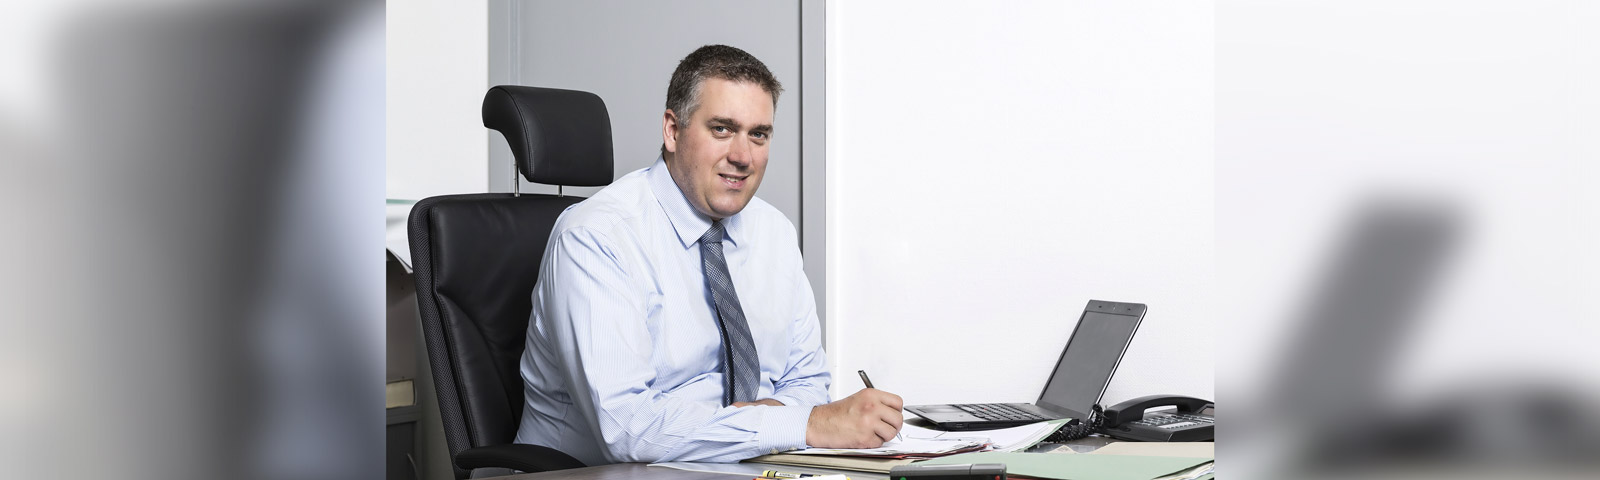 Fachanwalt für Verkehrsrecht Nils Weigand Rechtsanwalt und Notar